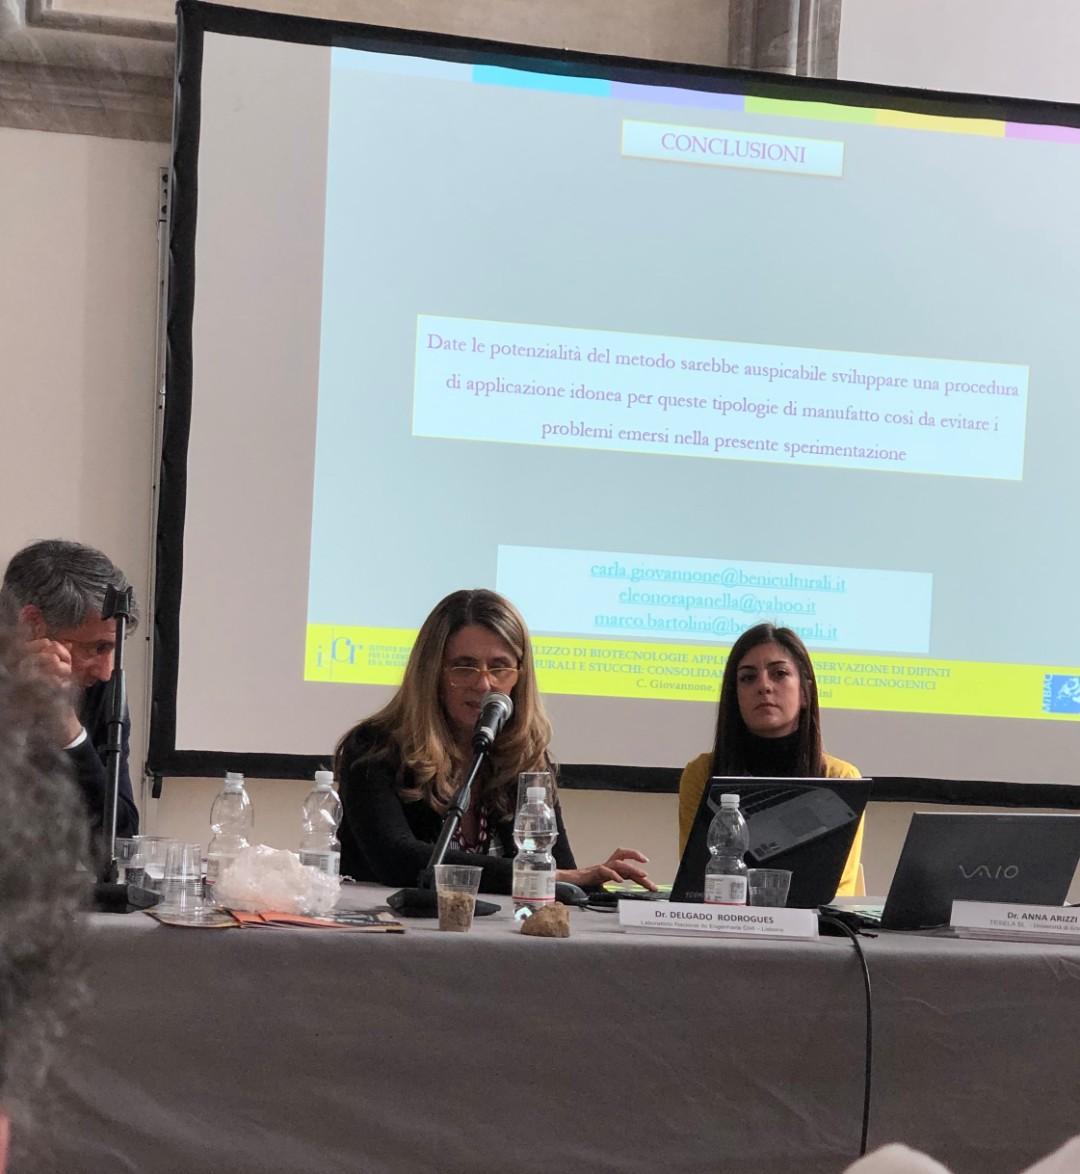 Carla Giovannone e Marco Bartolini (ISCR) - Esperienze di bio-consolidamento su materiali lapidei artificiali (1)